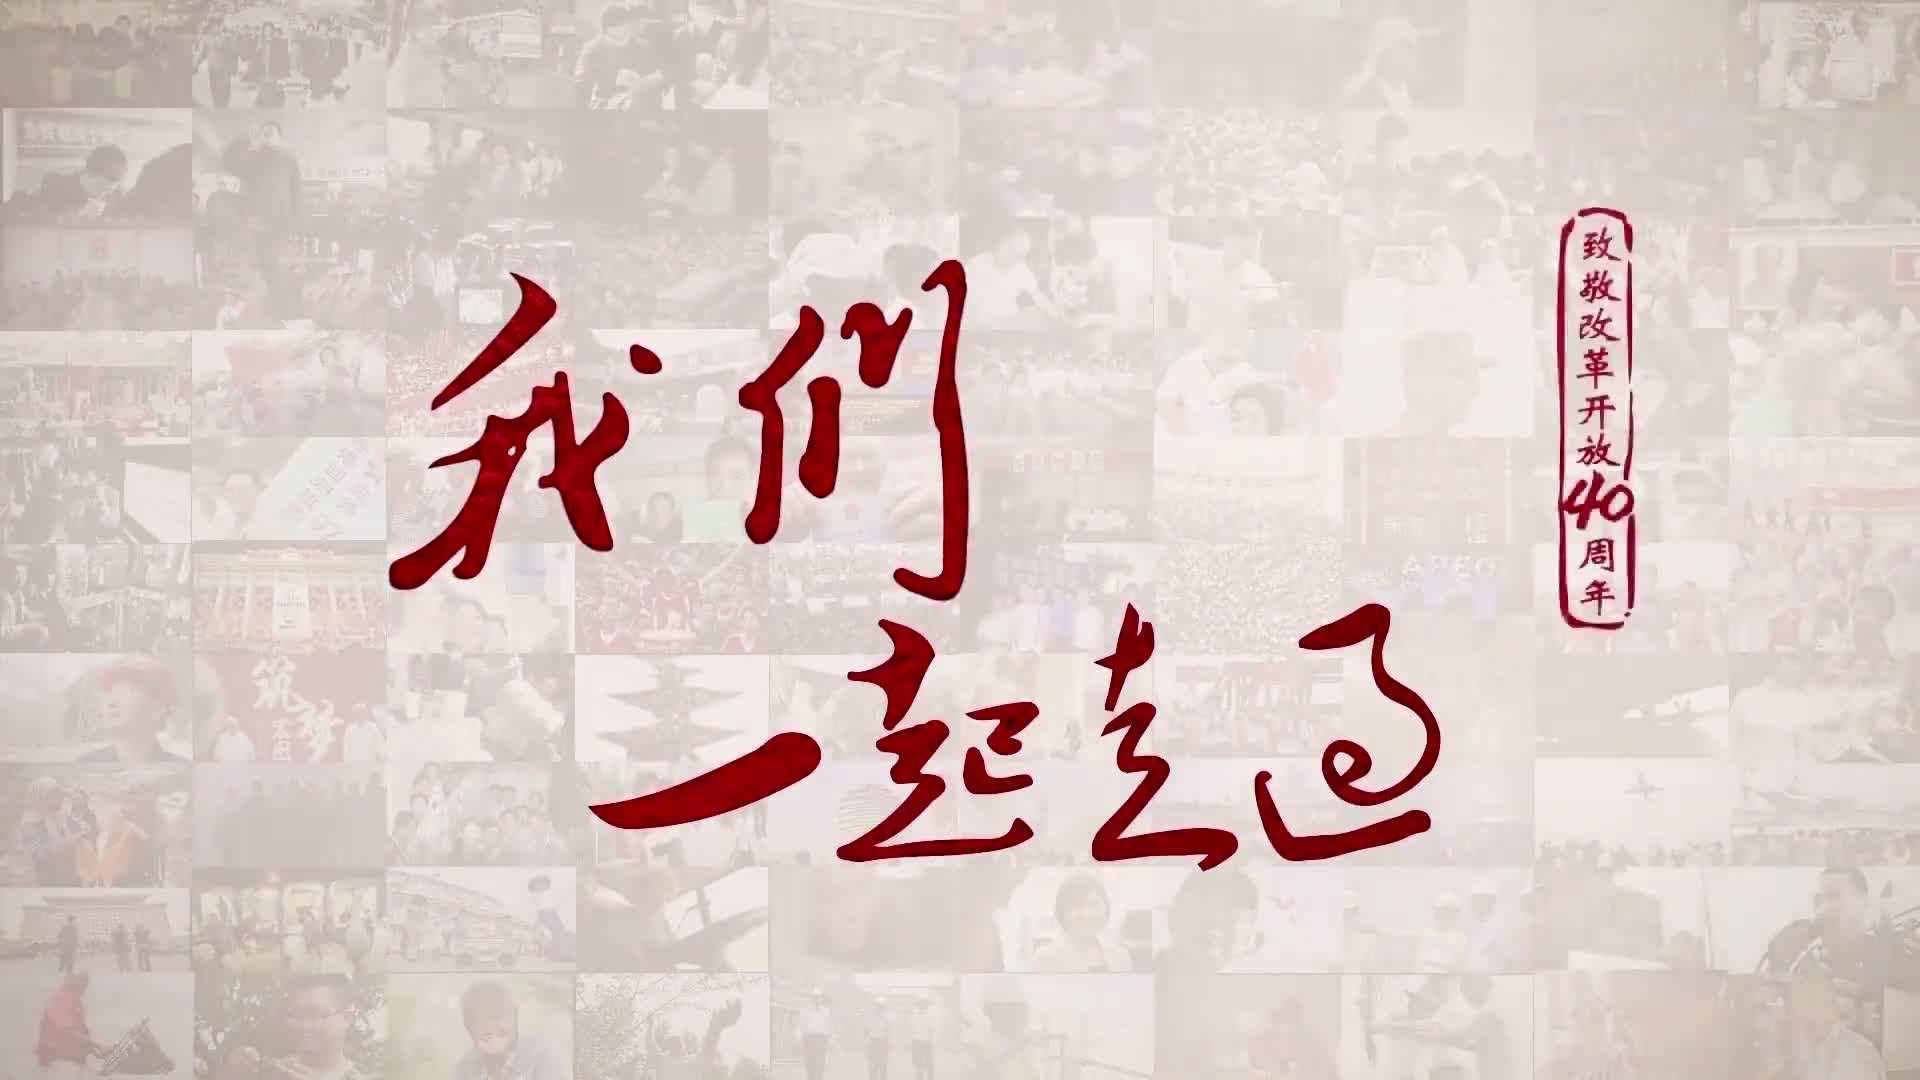 《我们一起走过——致敬改革开放40周年》 第十六集 我的中国心